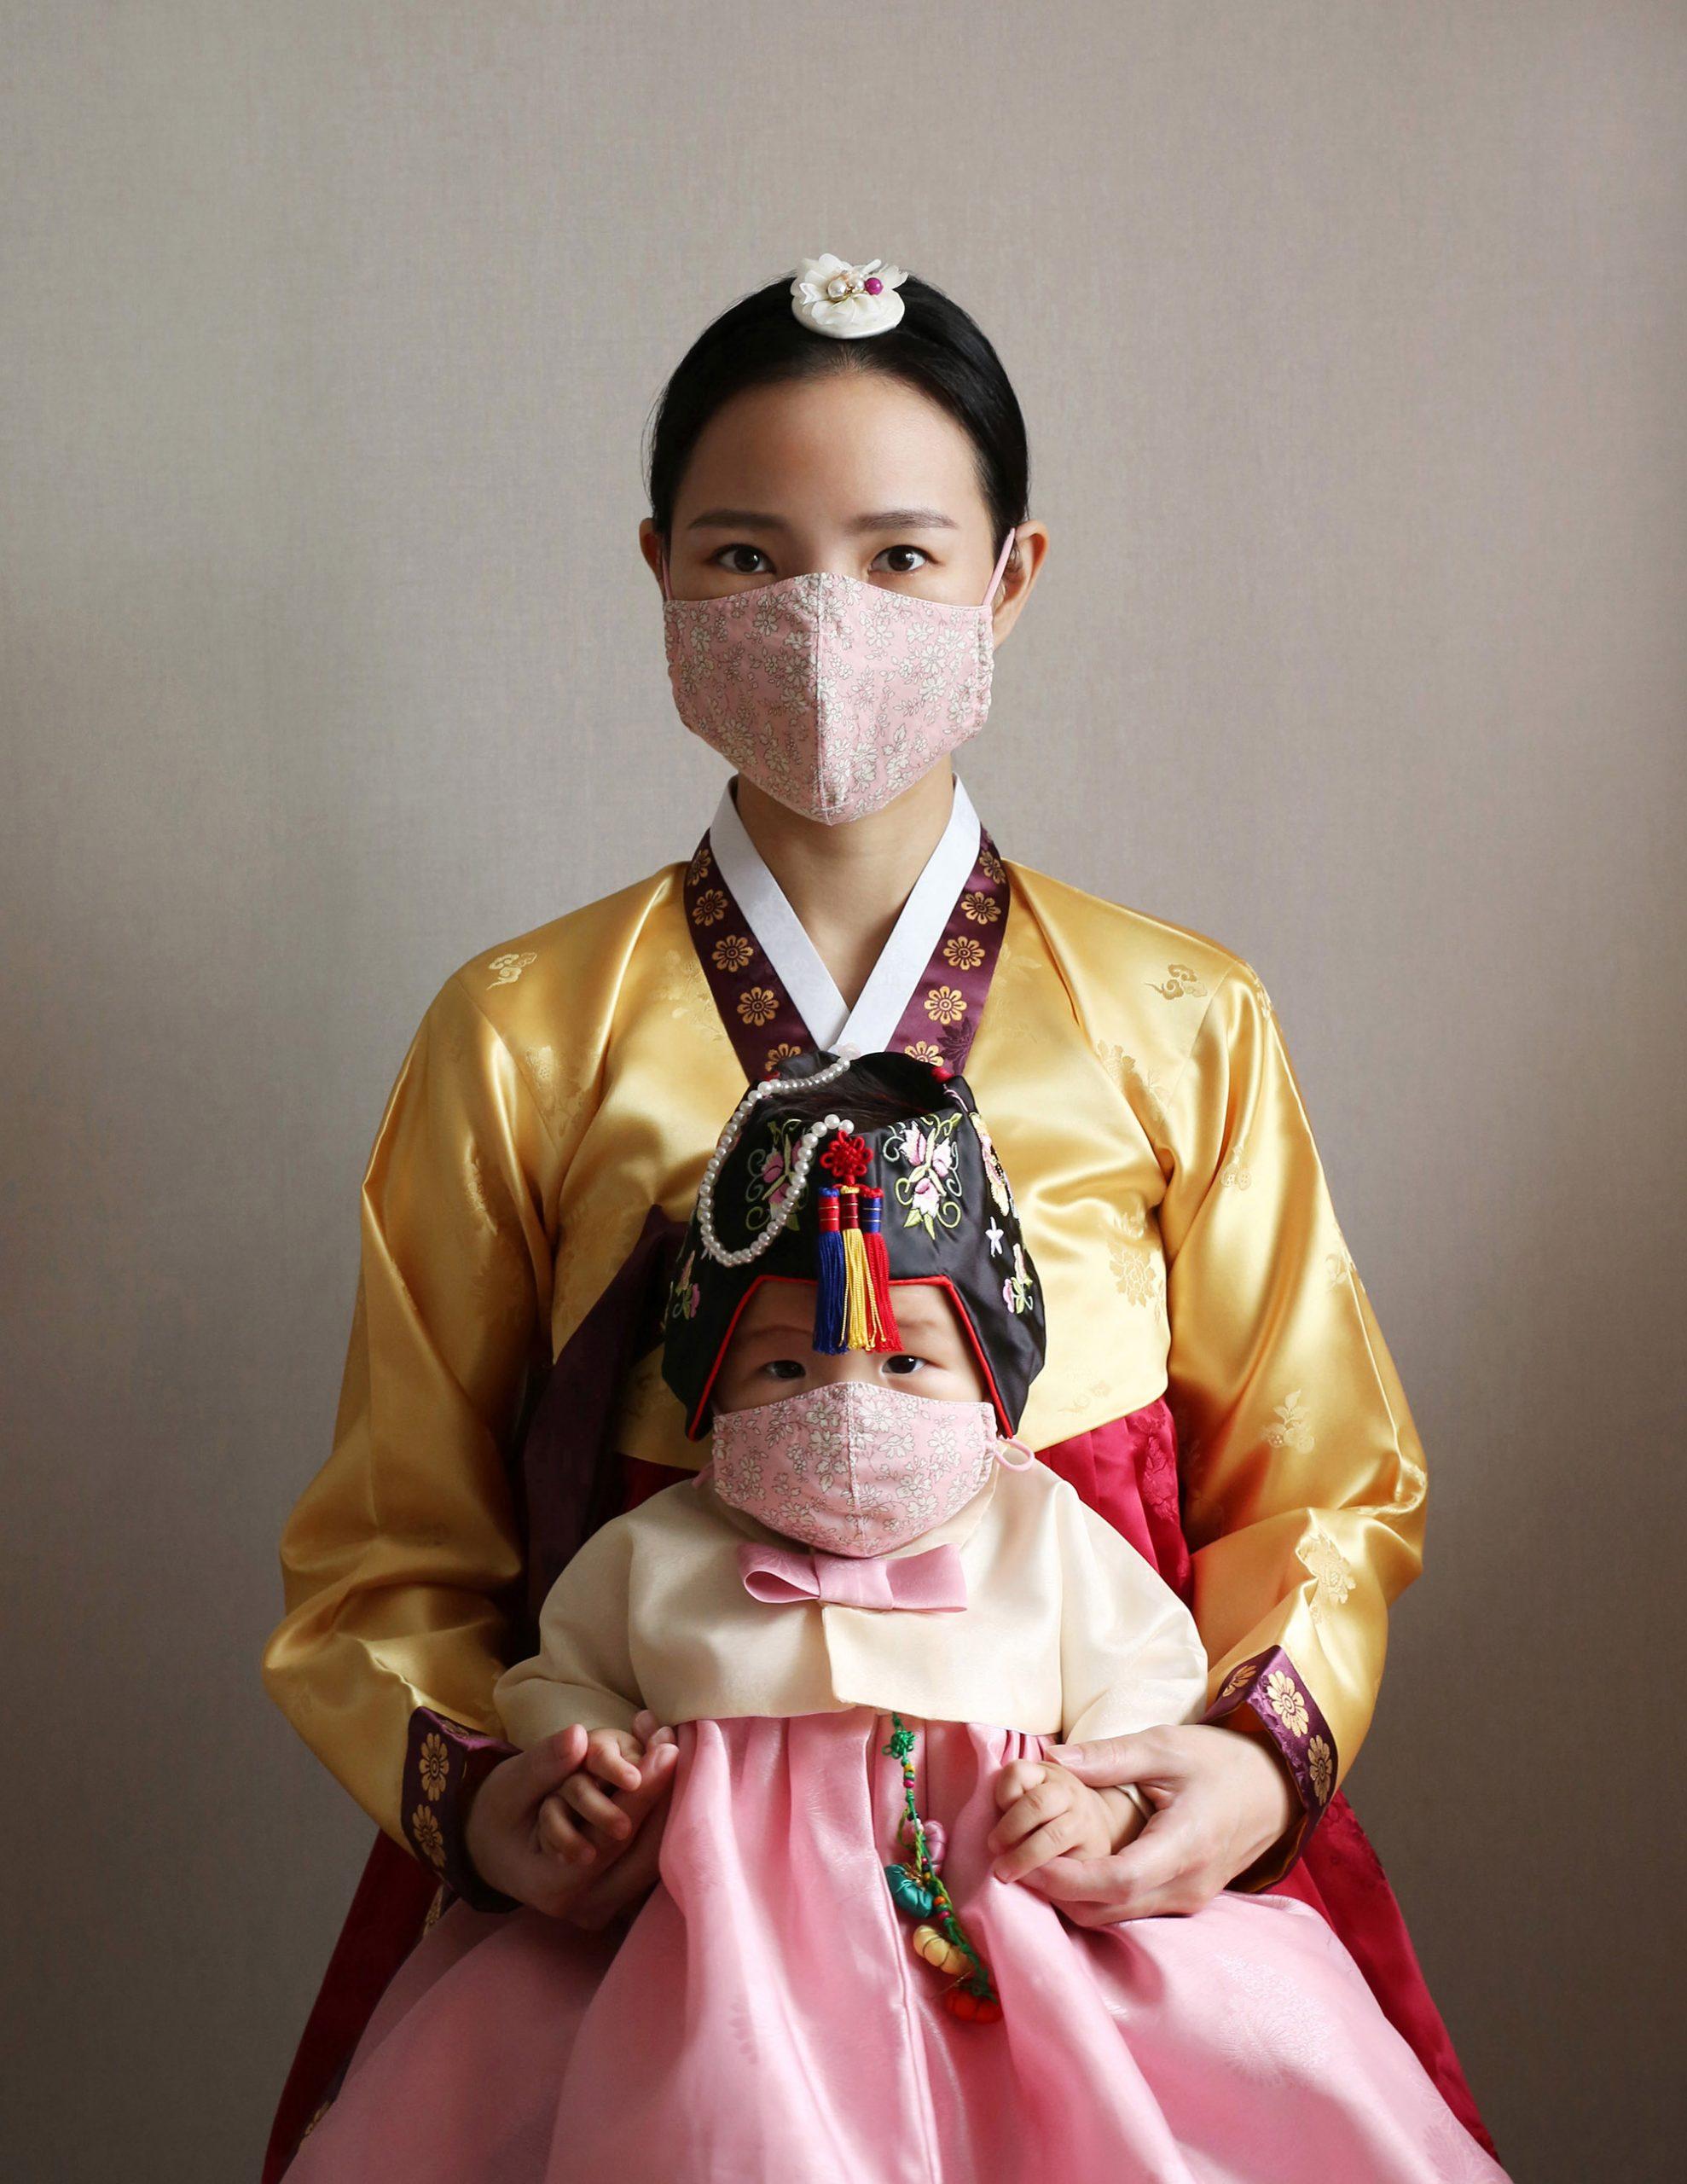 一位母亲和她的女儿的肖像照片,人民竞赛 三等奖